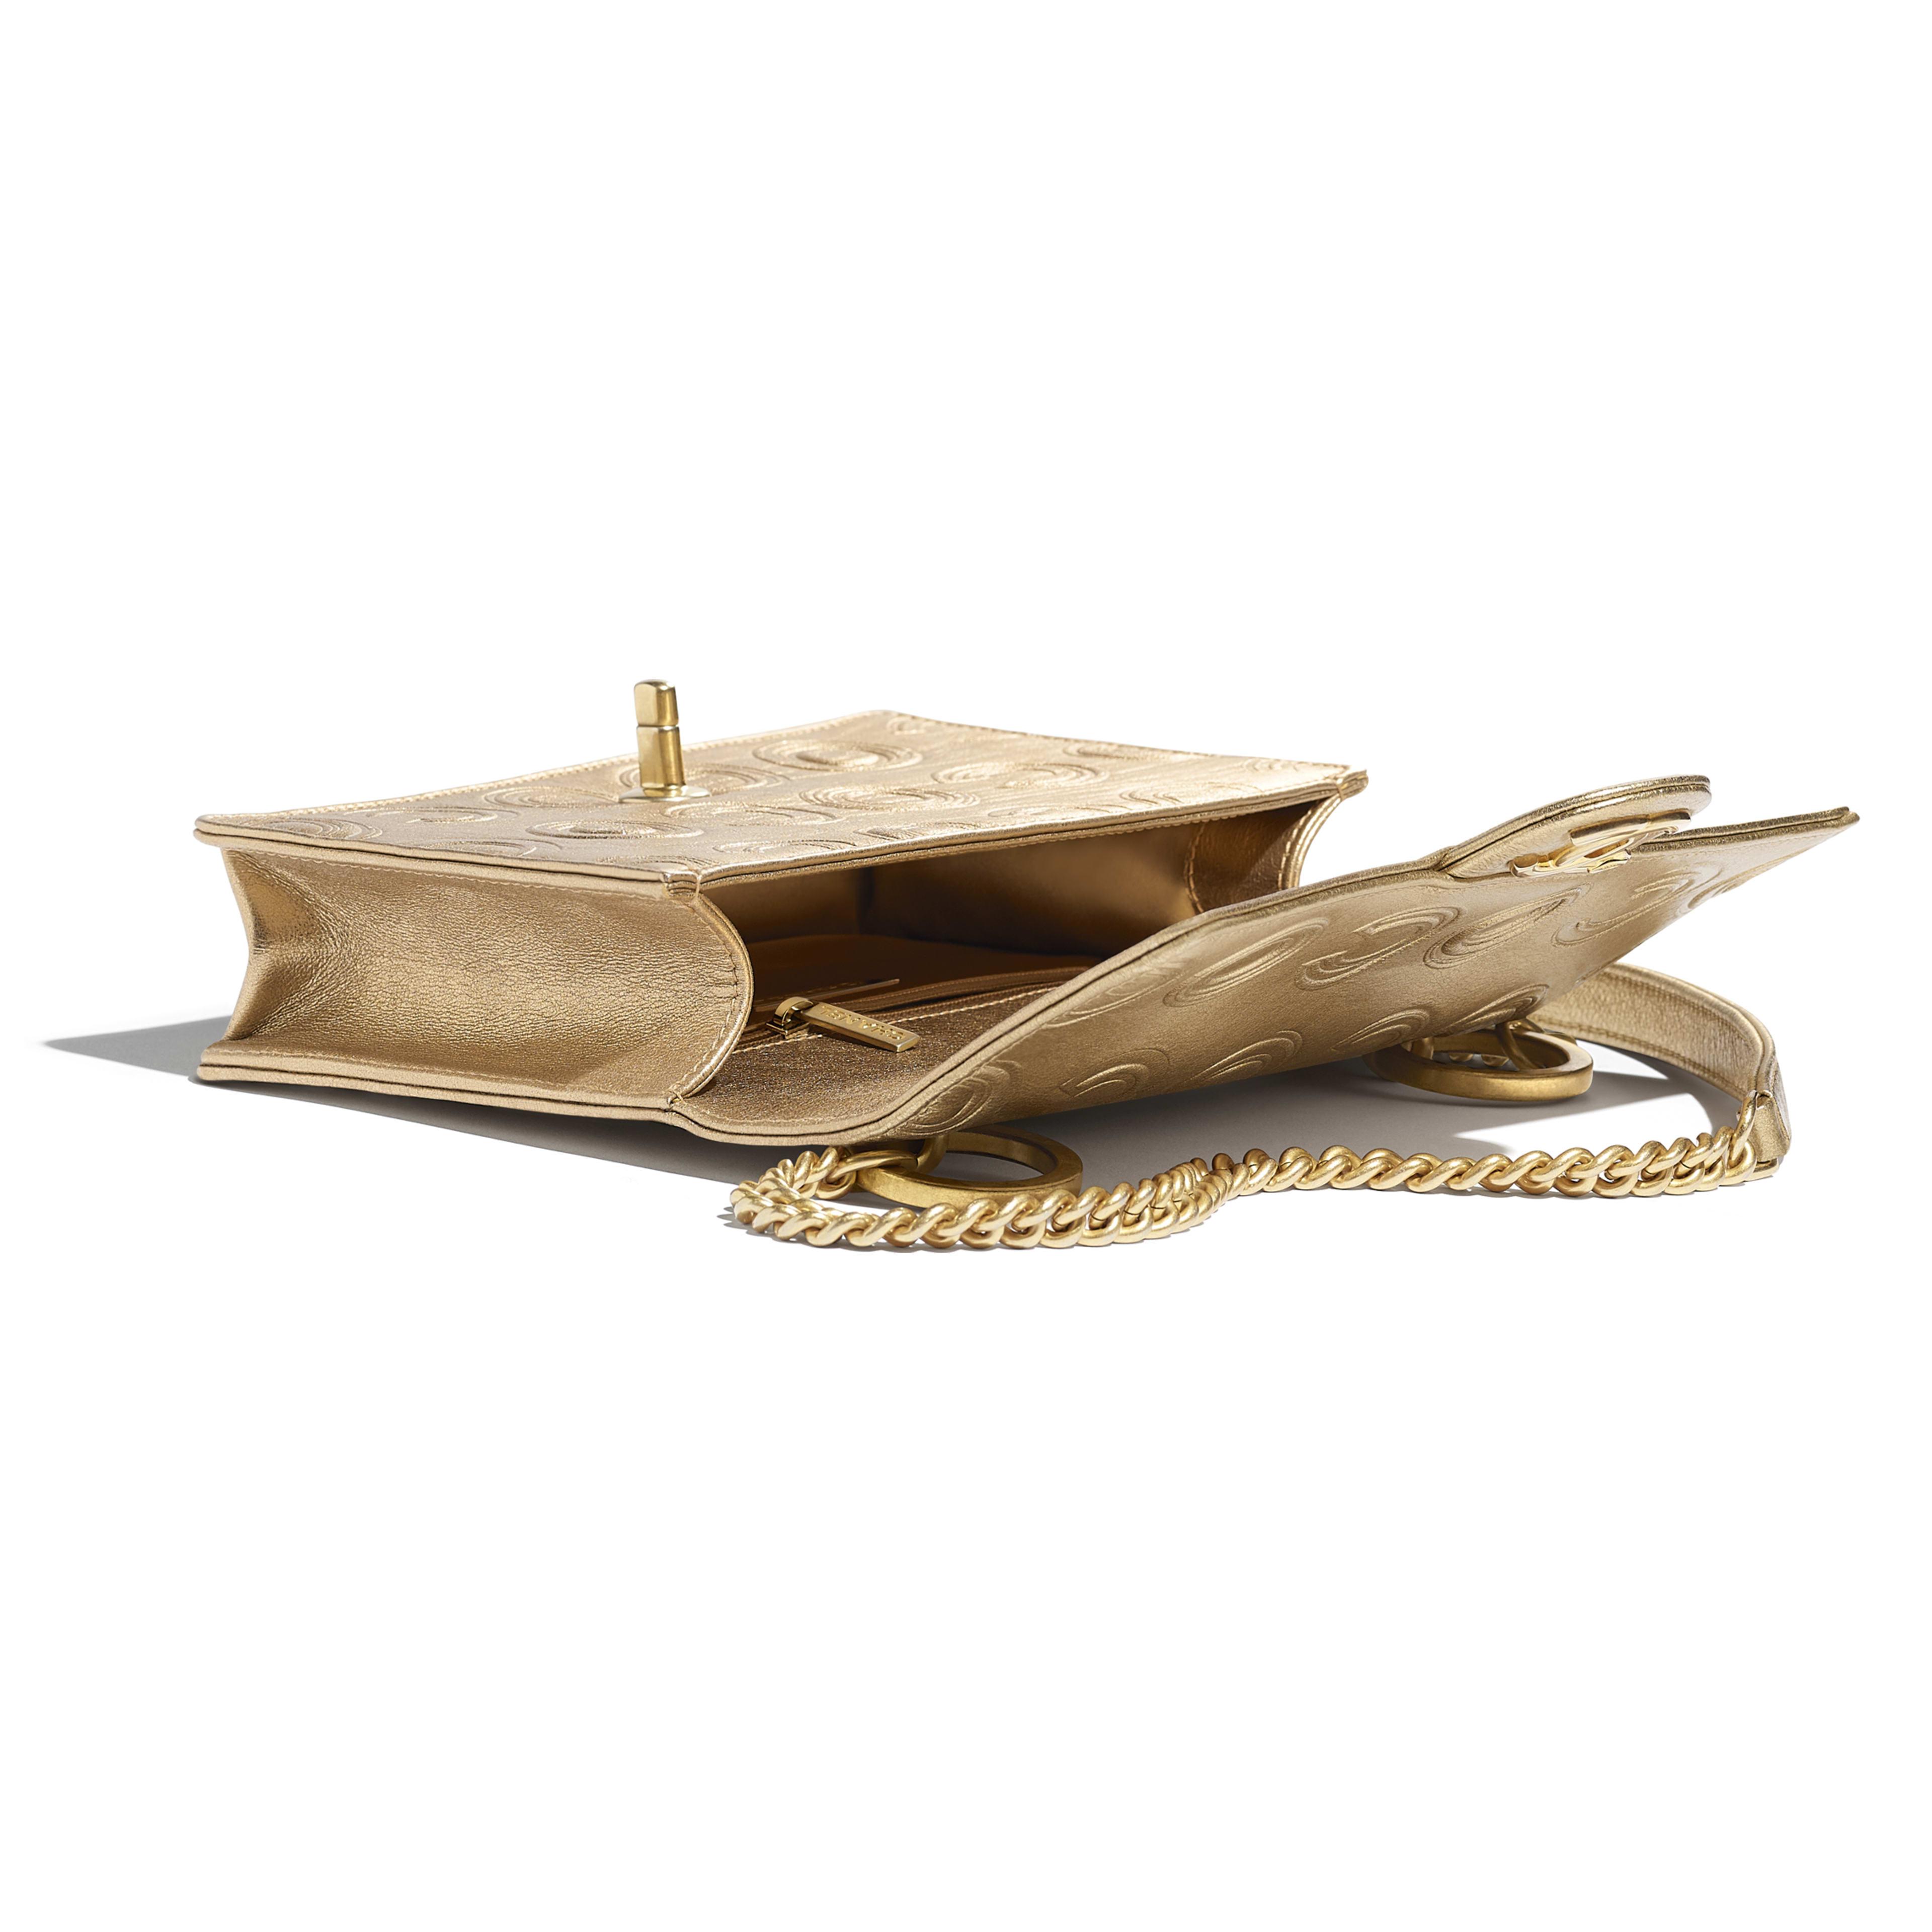 Сумка-конверт - Золотистый - Металлизированная кожа теленка и золотистый металл - Другое изображение - посмотреть полноразмерное изображение